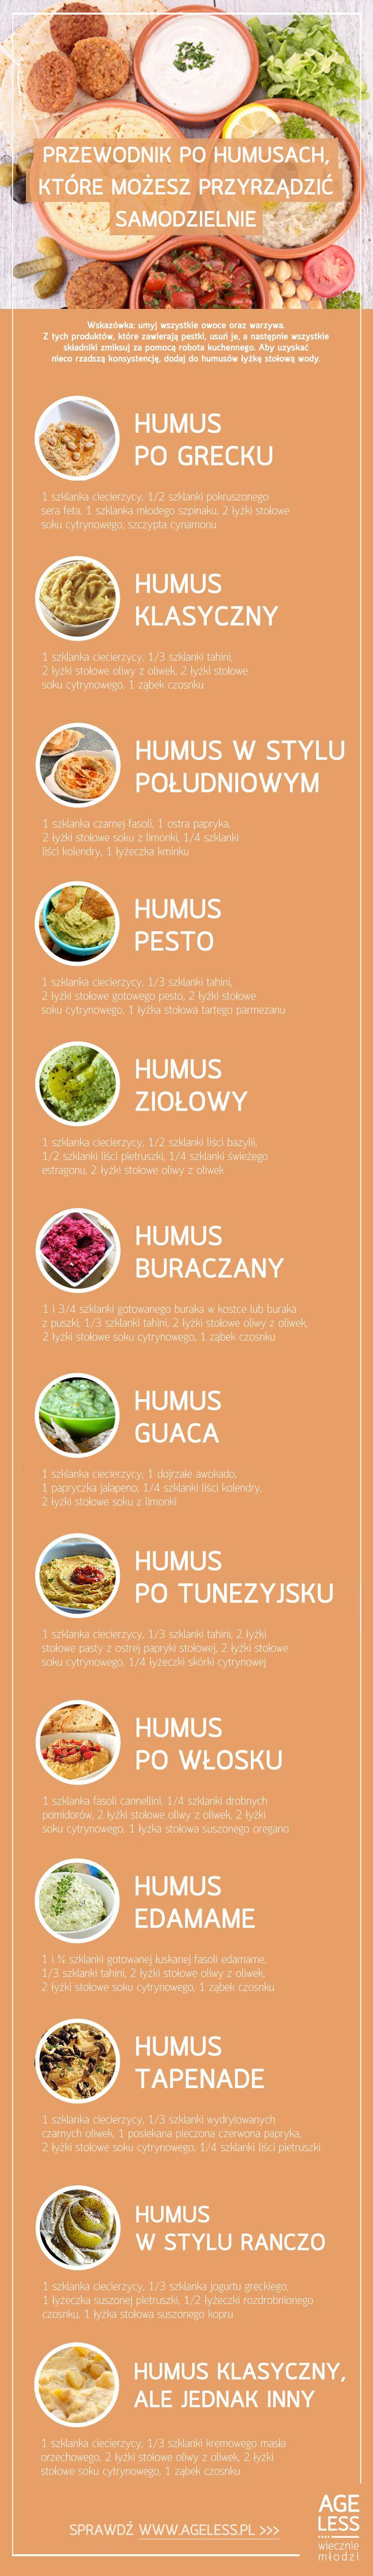 Na pewno słyszeliście o humusach i pewnie część z Was już jadła pieczywo smarowane tą pyszną pastą z ciecierzycy. Ale czy próbowaliście przygotować humus samodzielnie? Oto krótkie przepisy na kilkanaście z nich – przygotowanie ich jest naprawdę banalne.  #ageless www.ageless.pl #wiecznamlodosc #wieczniemlodzi #humus #ciecierzyca #pasta